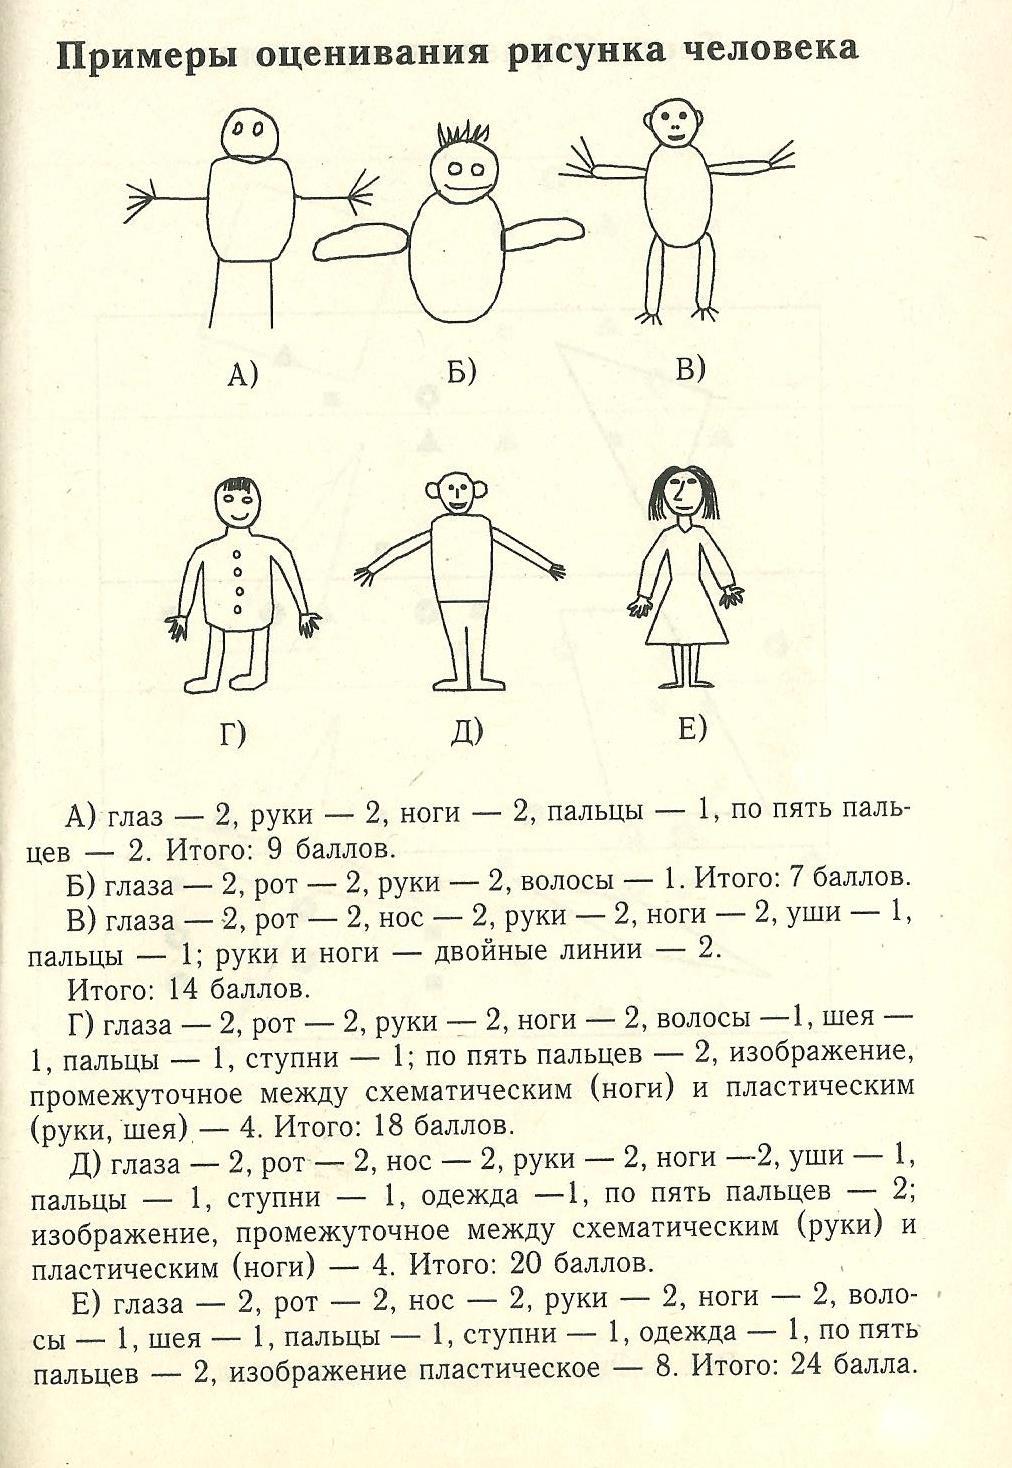 тест определение по рисункам